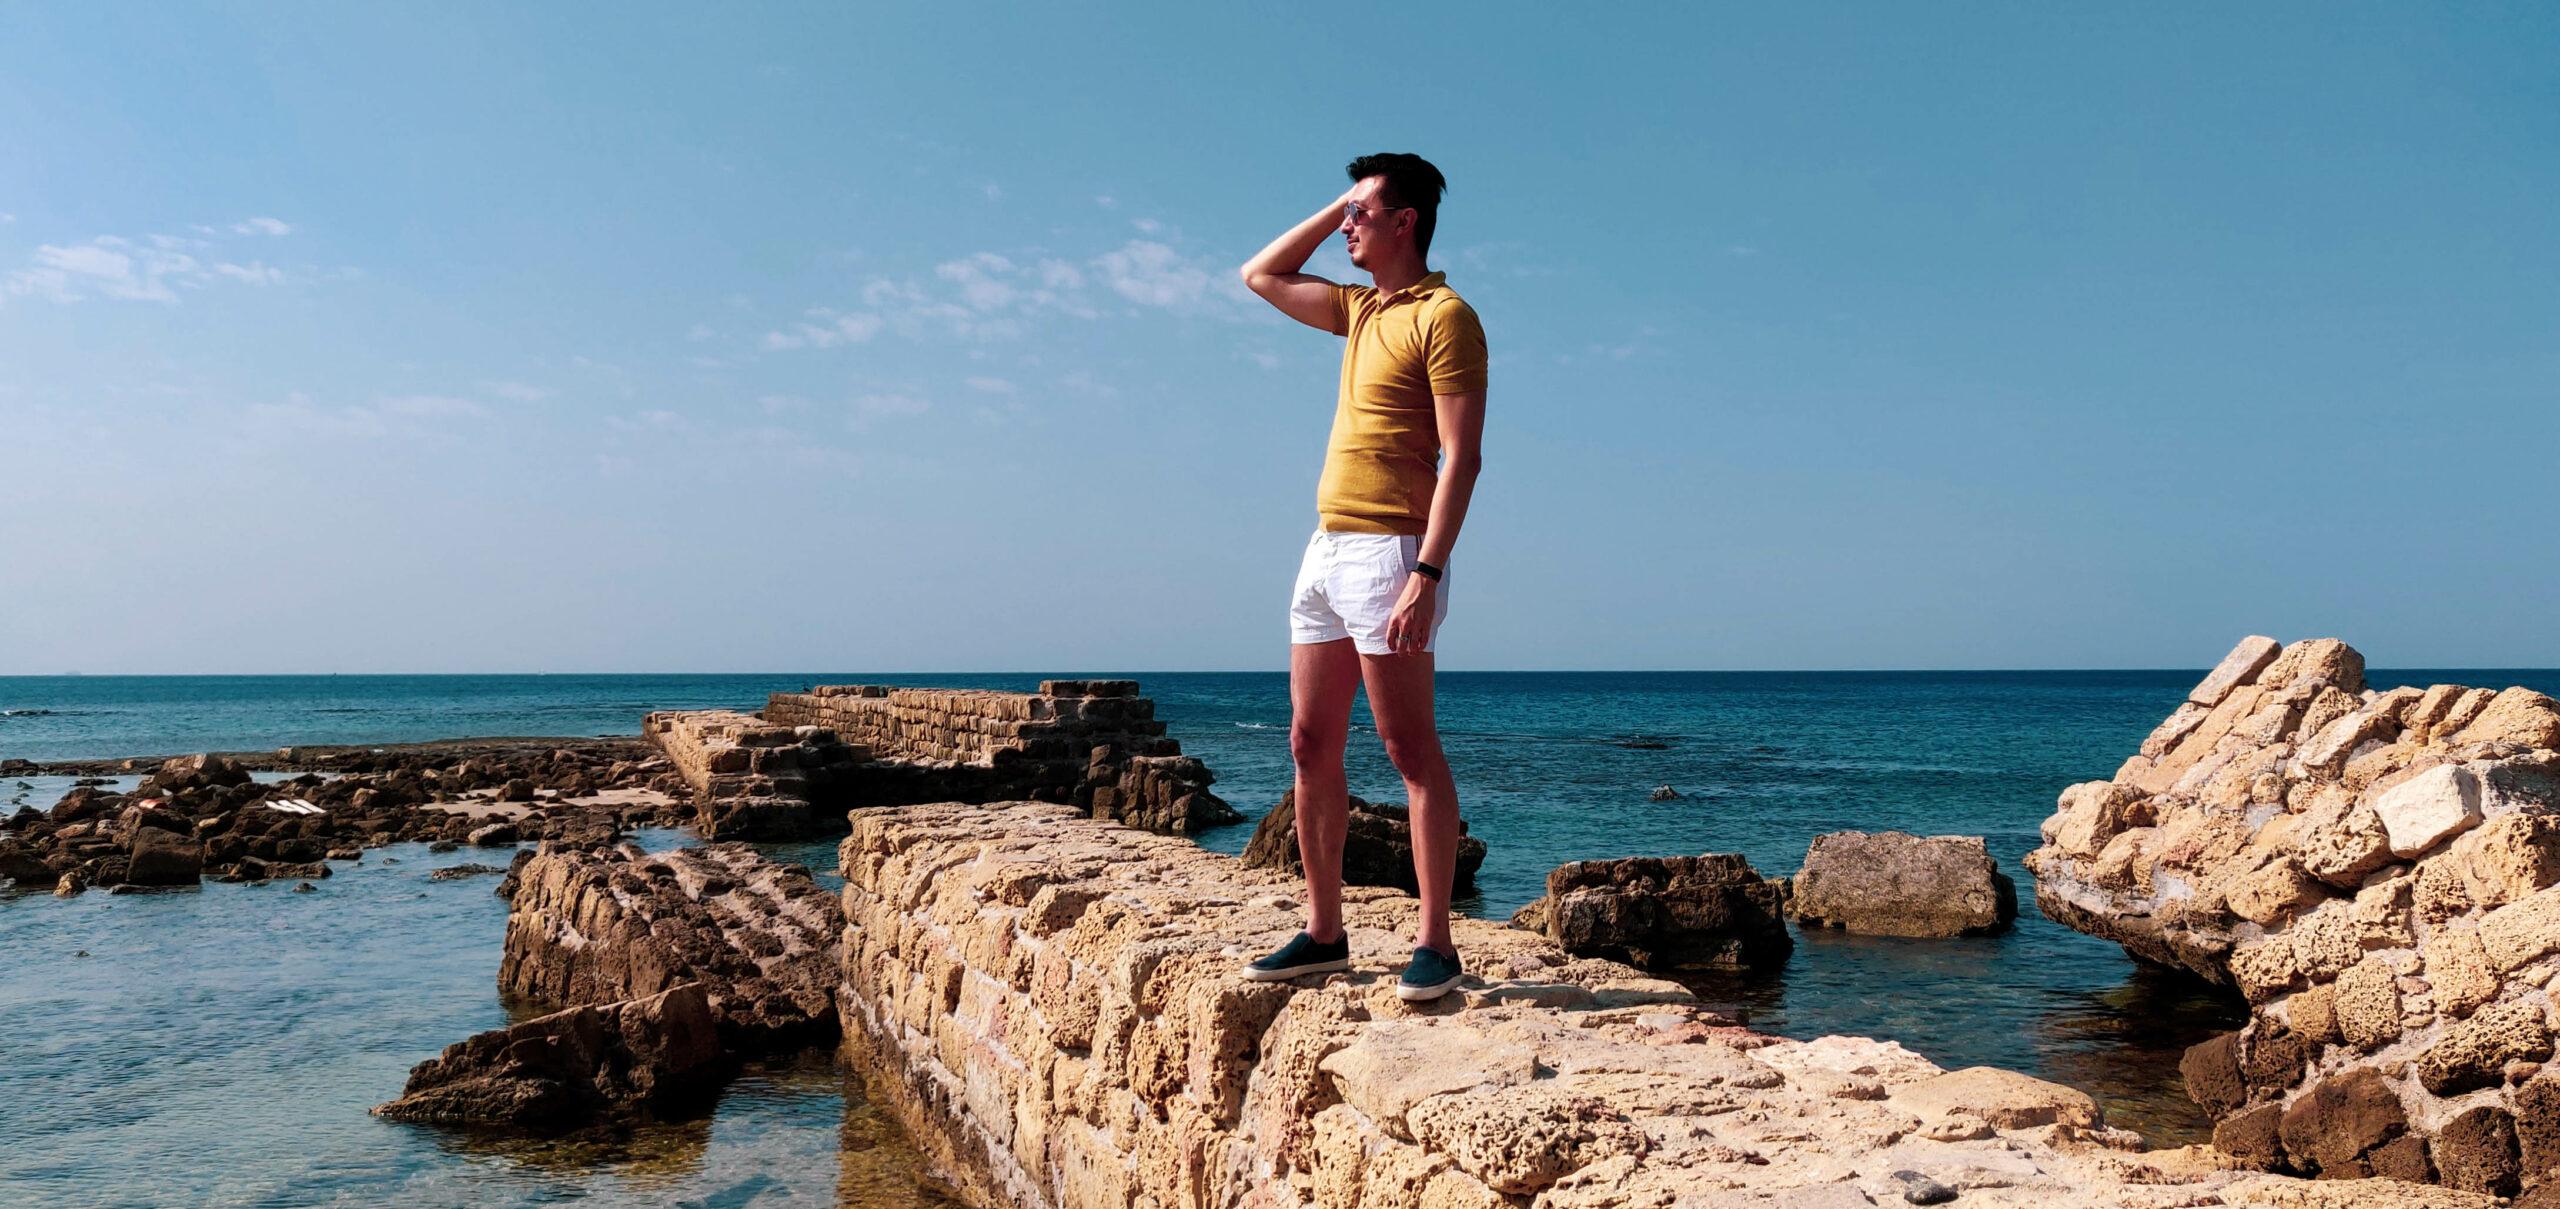 Caesarea Maritima: King Herod's Lost Port City